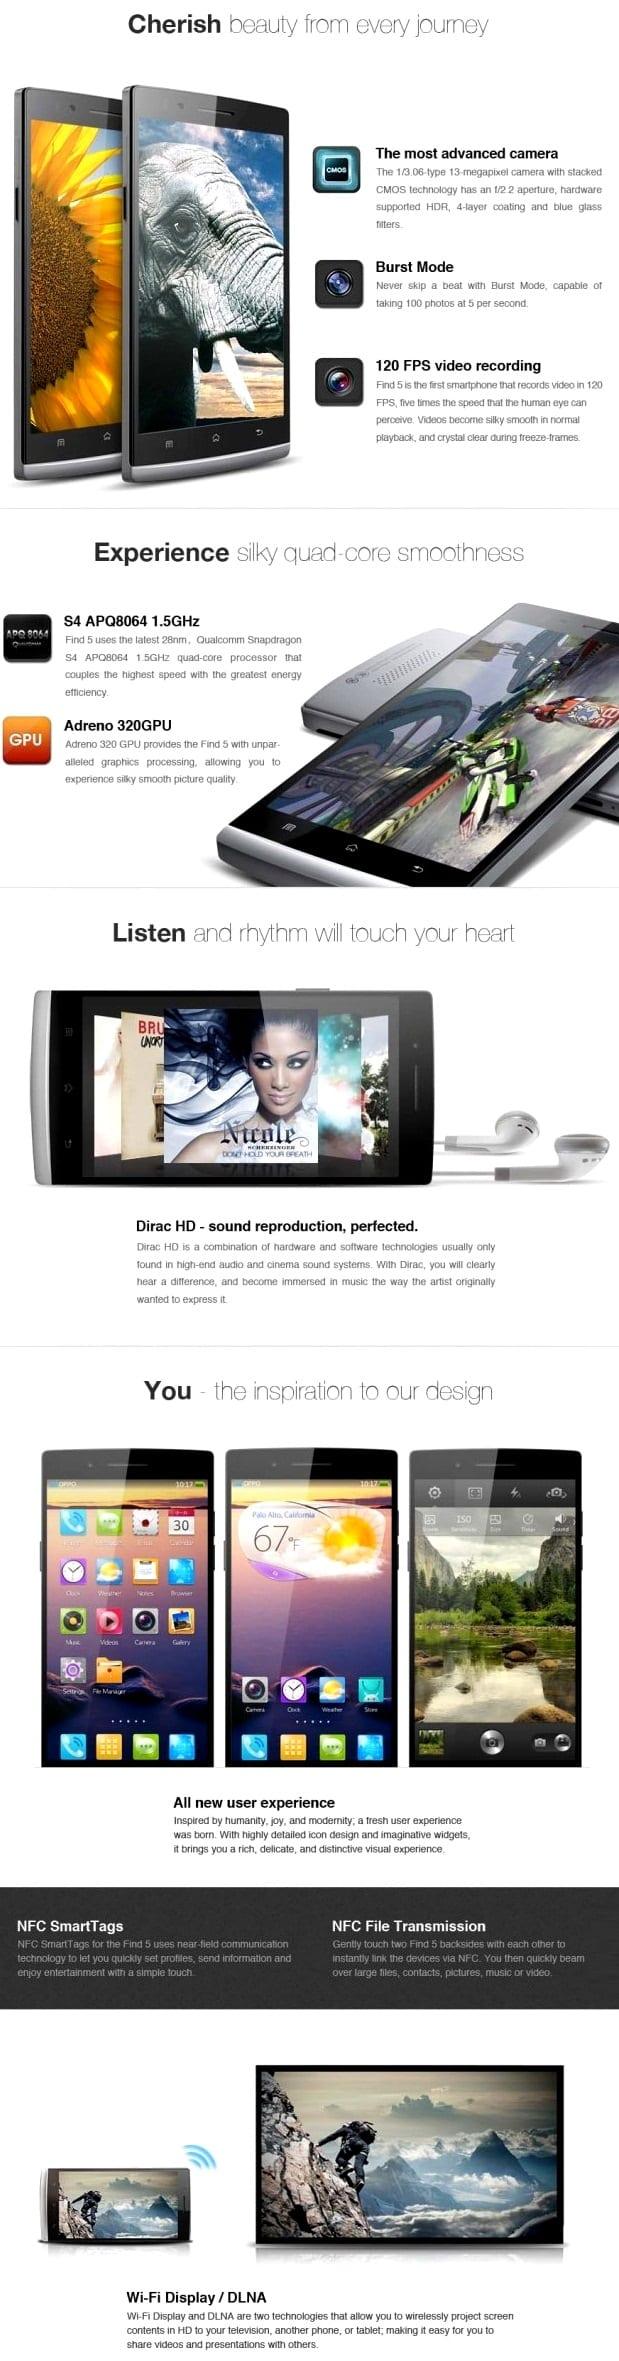 https://www.phoneworld.com.pk/wp-content/uploads/2013/03/find-5-features_2-1.jpg